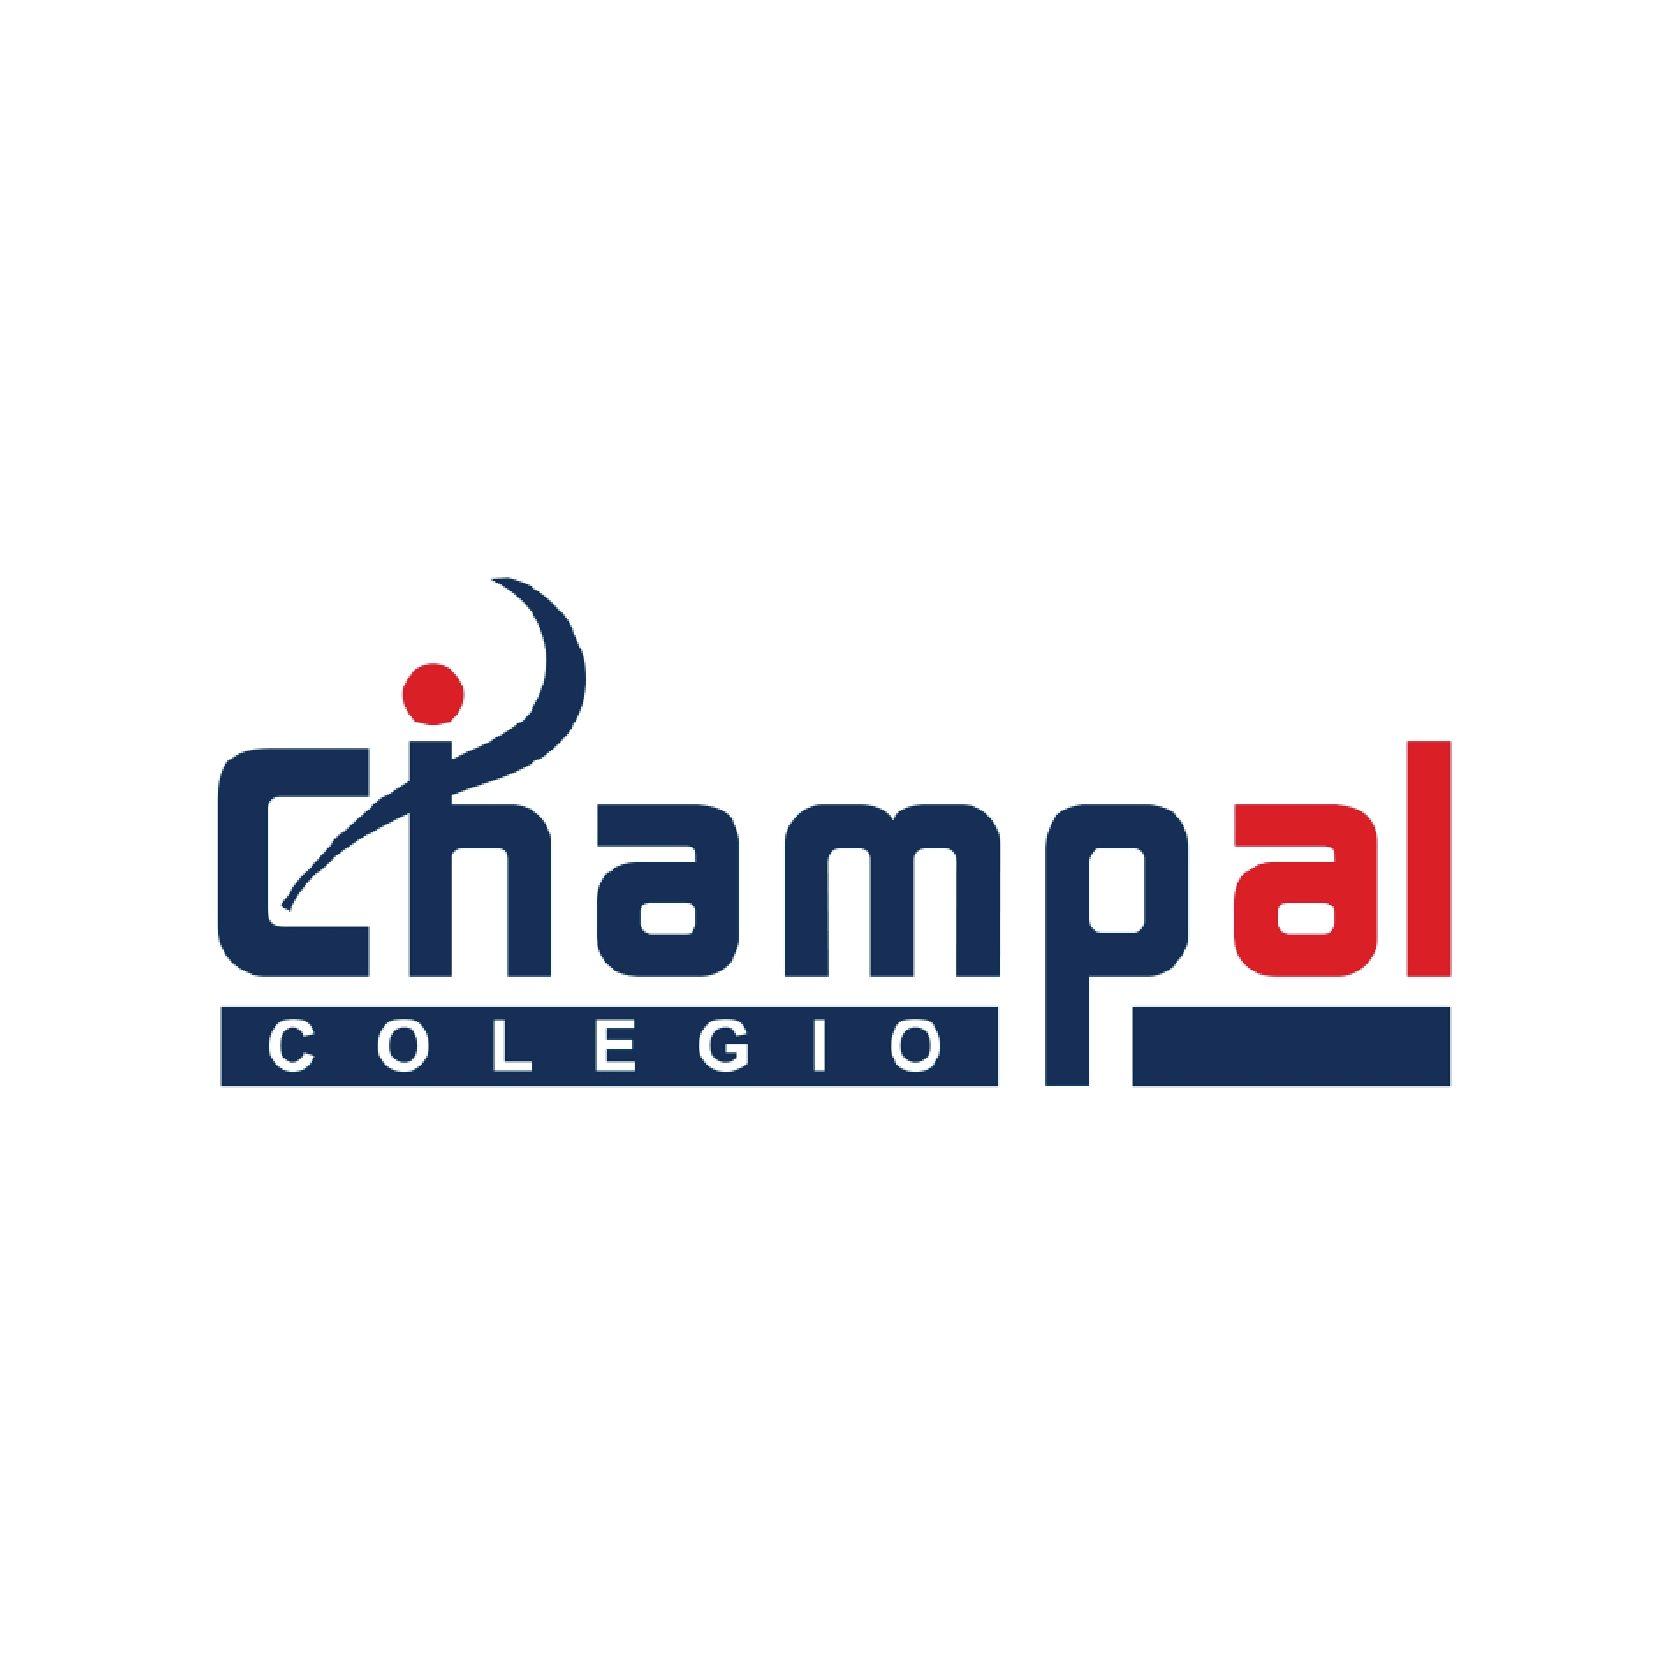 Colegio Champal